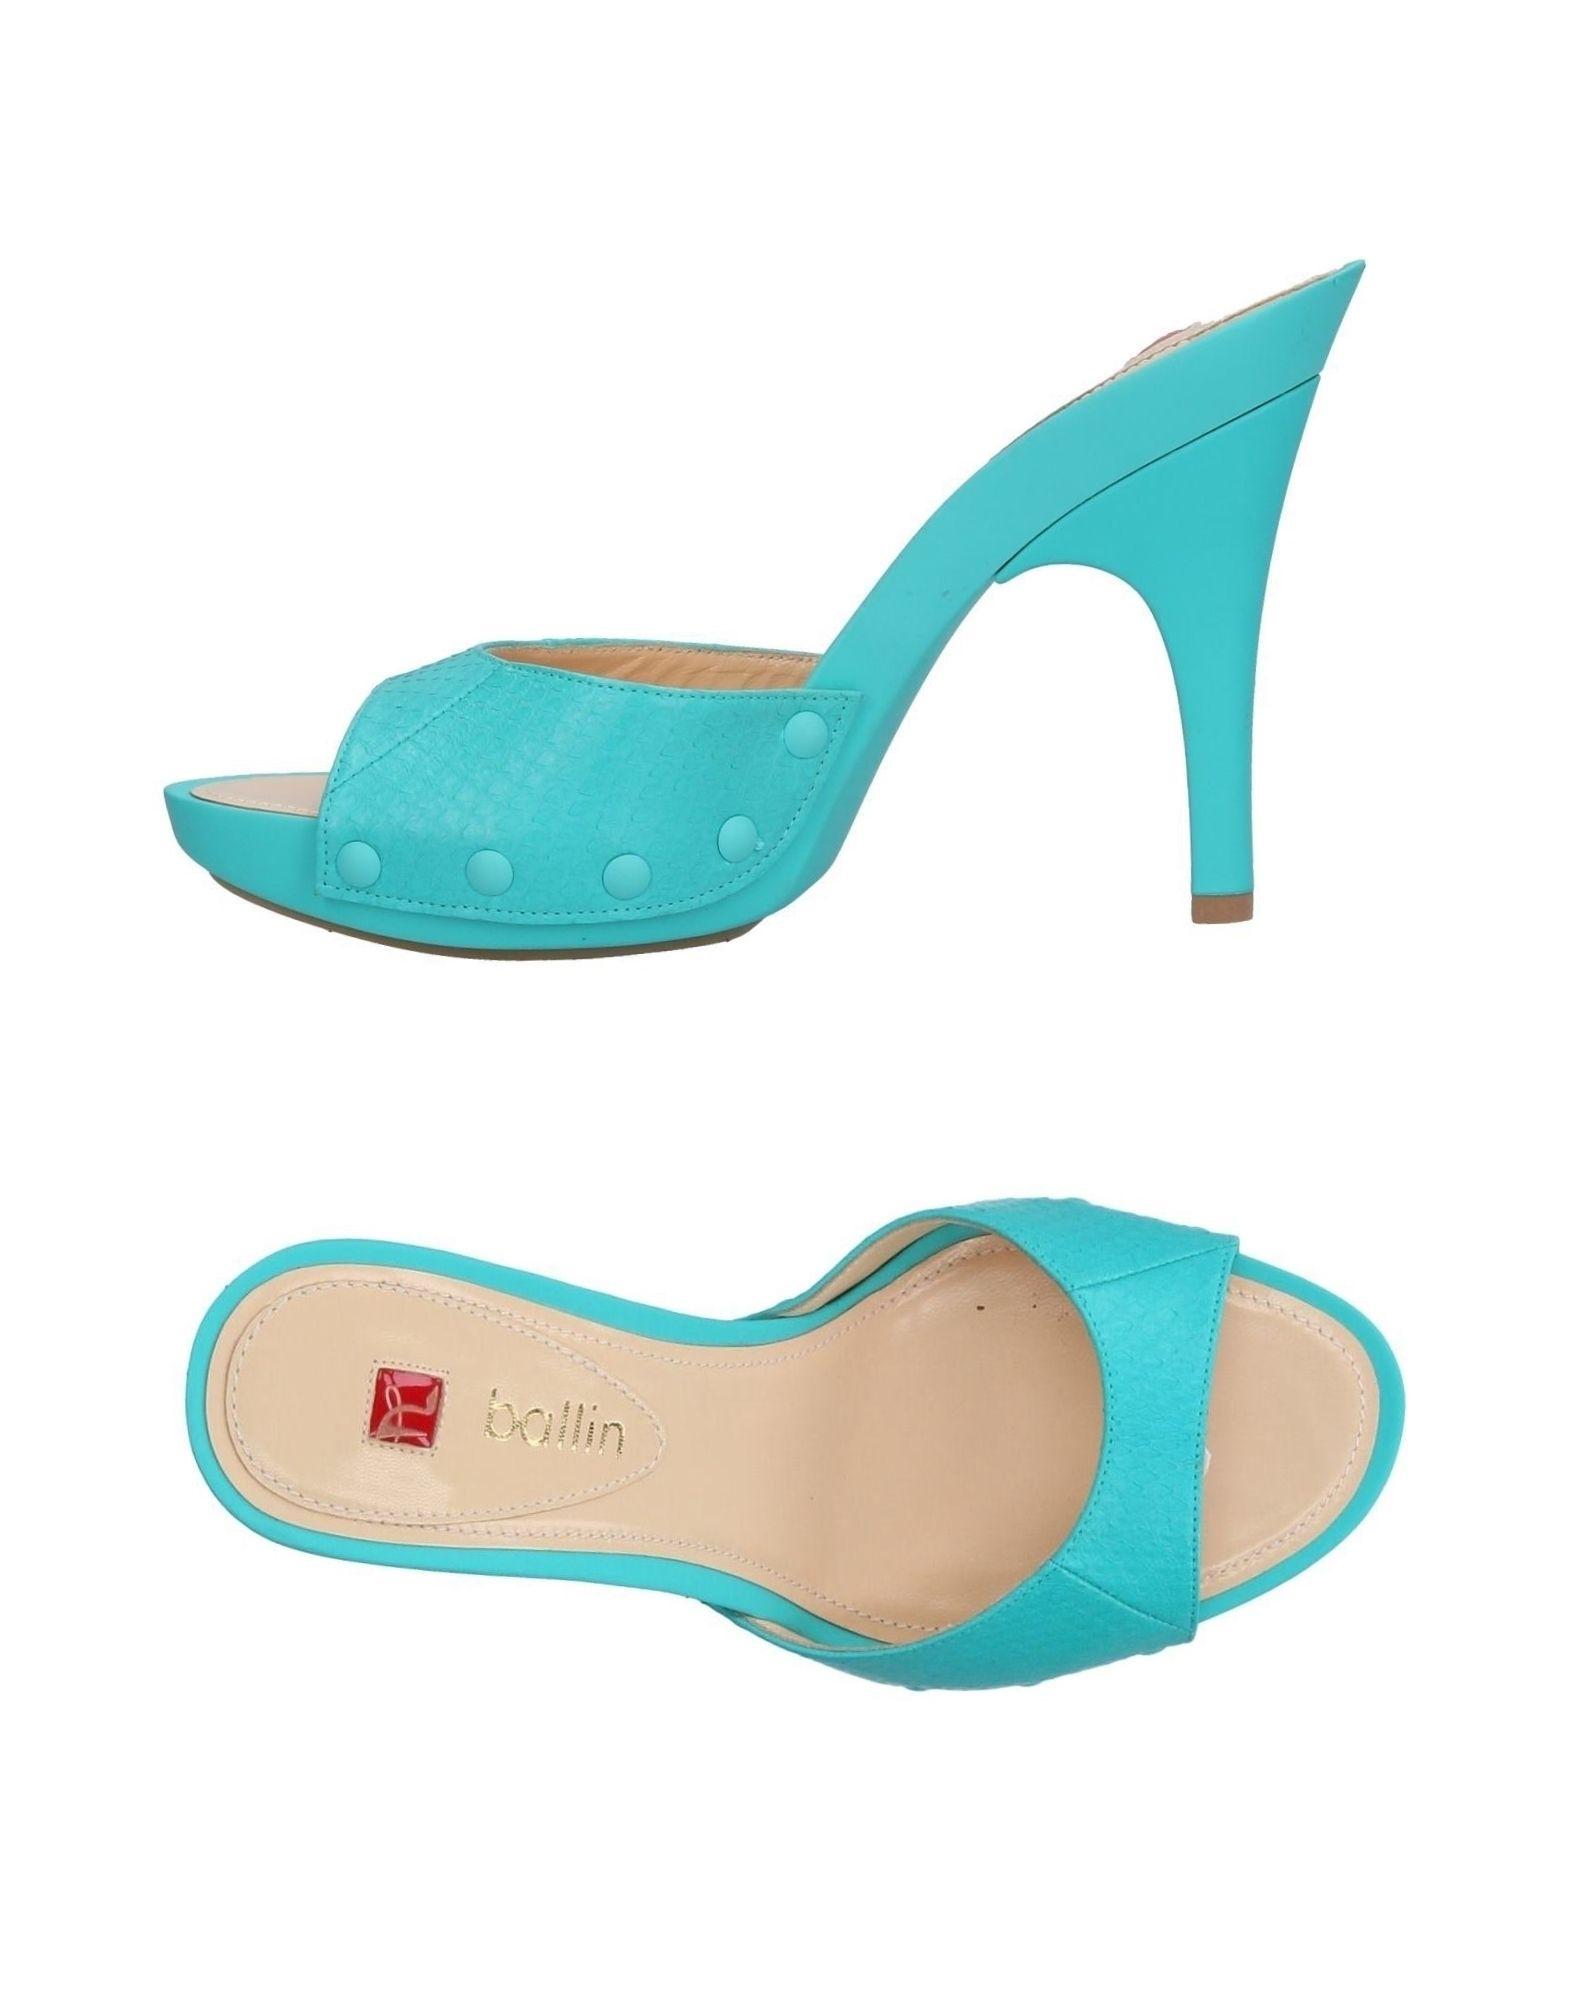 Sandali Ballin Donna - 11205917JX Scarpe economiche e buone